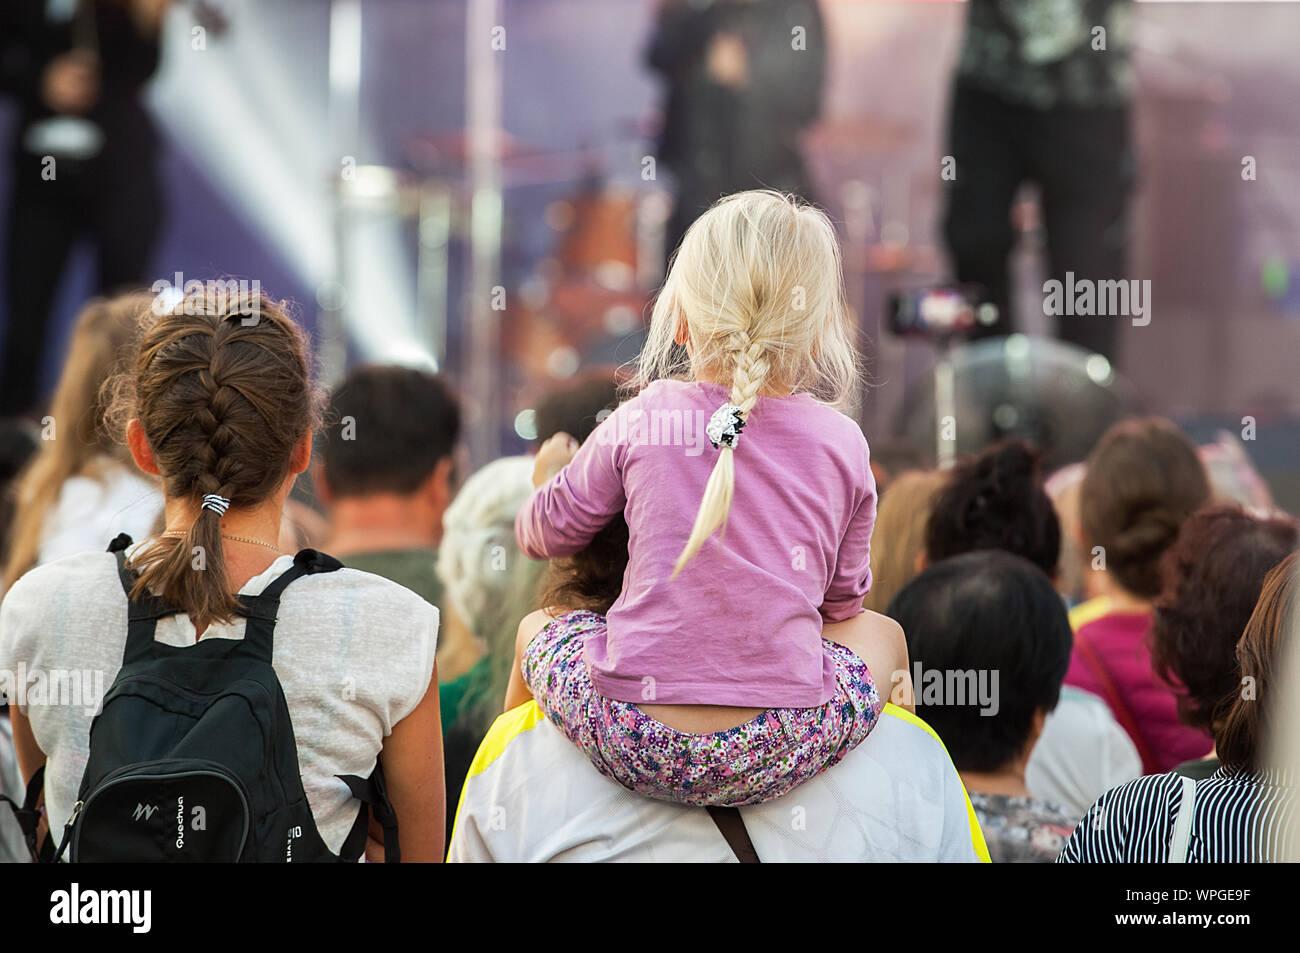 Moskau, Russland - September 8, 2019: Unbekannter wenig Zuschauer auf einem Eltern Schulter schauen Sie sich ein Konzert der Stadt Moskau Tag am 9. September 2019 gewidmet Stockfoto